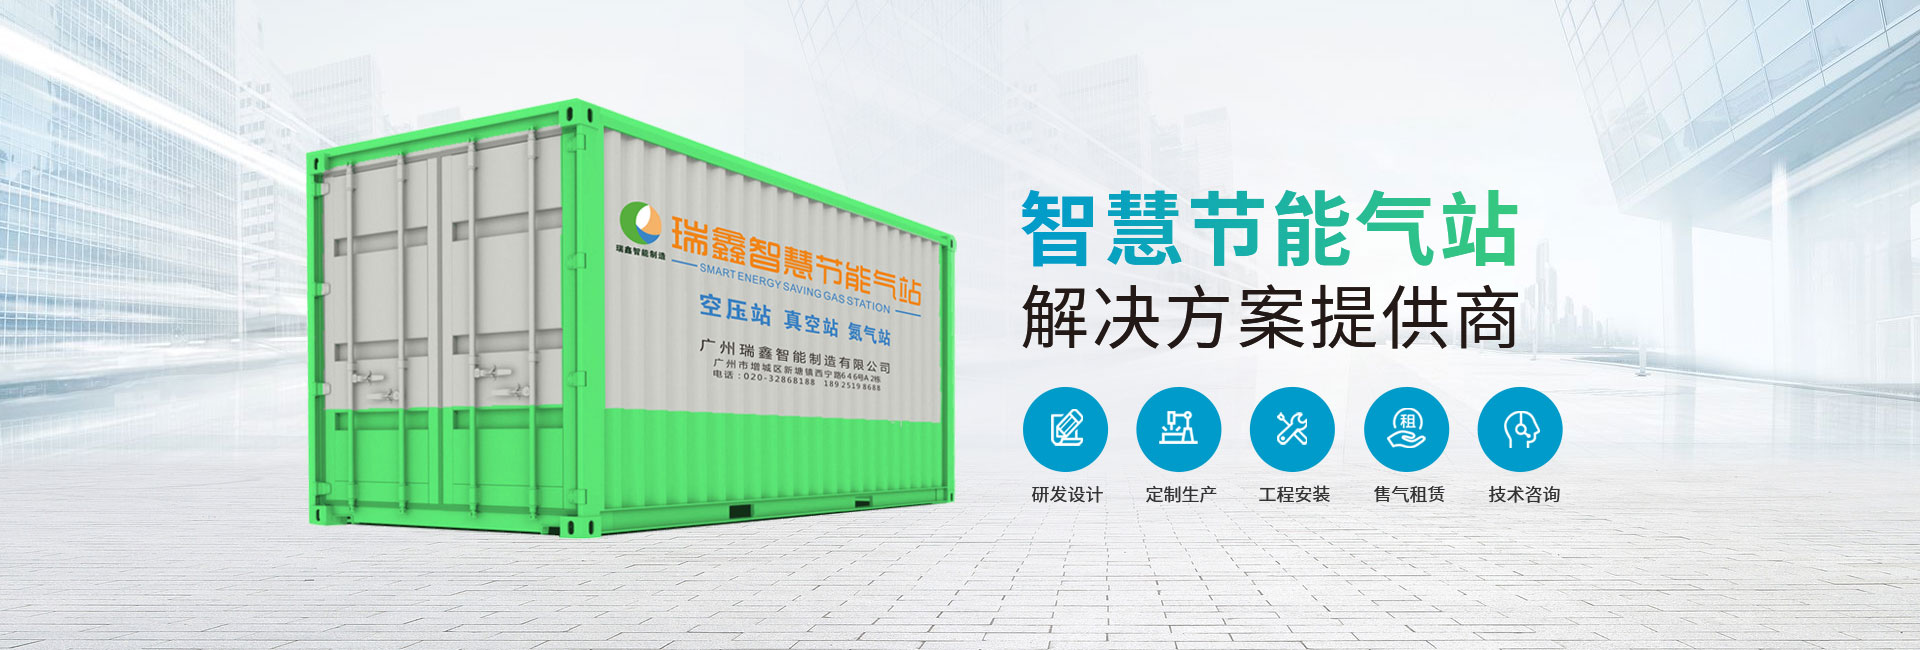 鑫钻:慧节能气站解决方案提供商